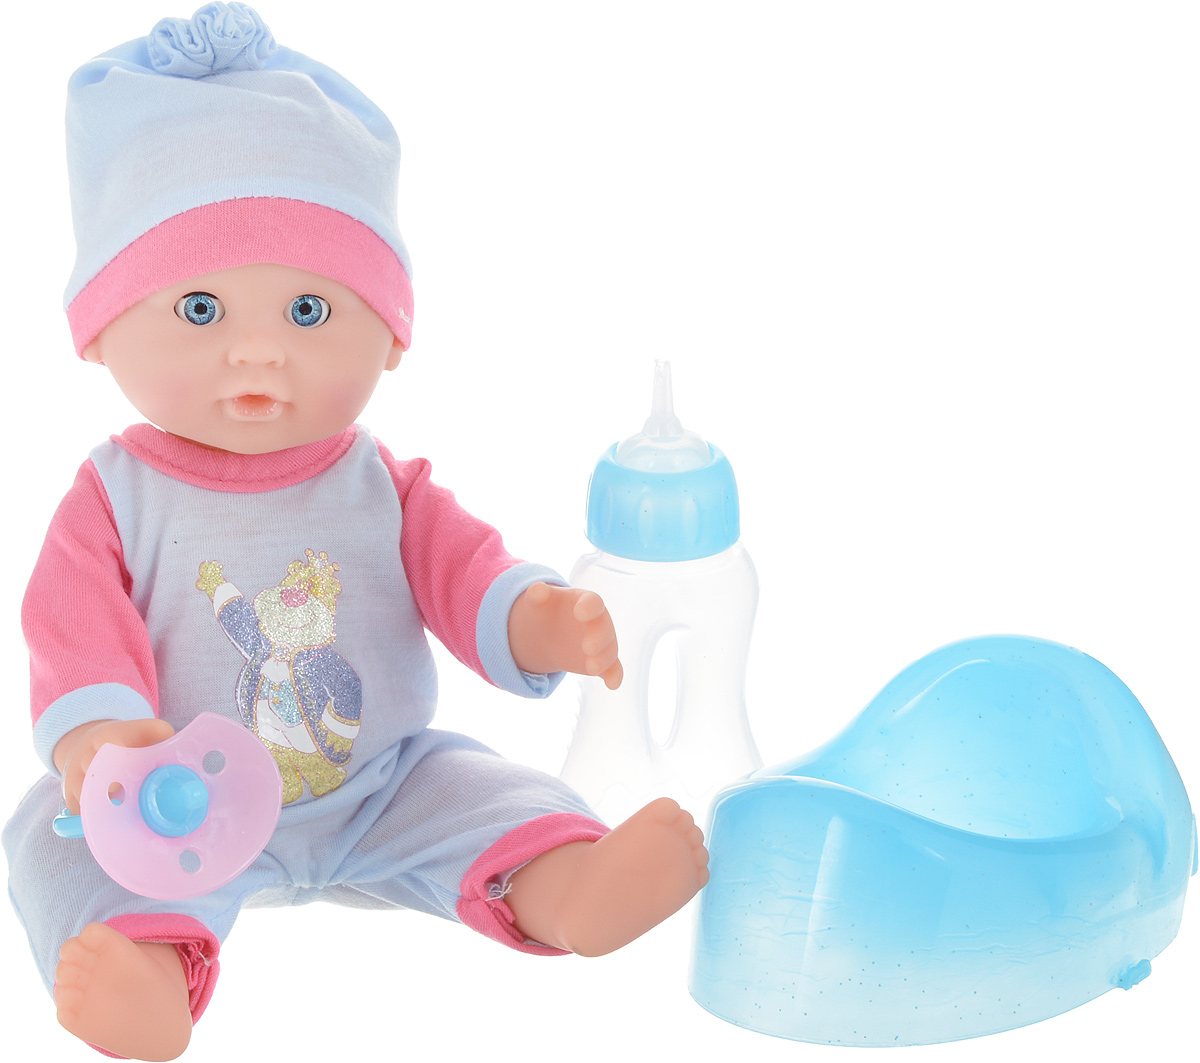 Lisa Jane Пупс с горшком цвет голубой розовый 25 см 59463 сумки lisa jane сумка детская